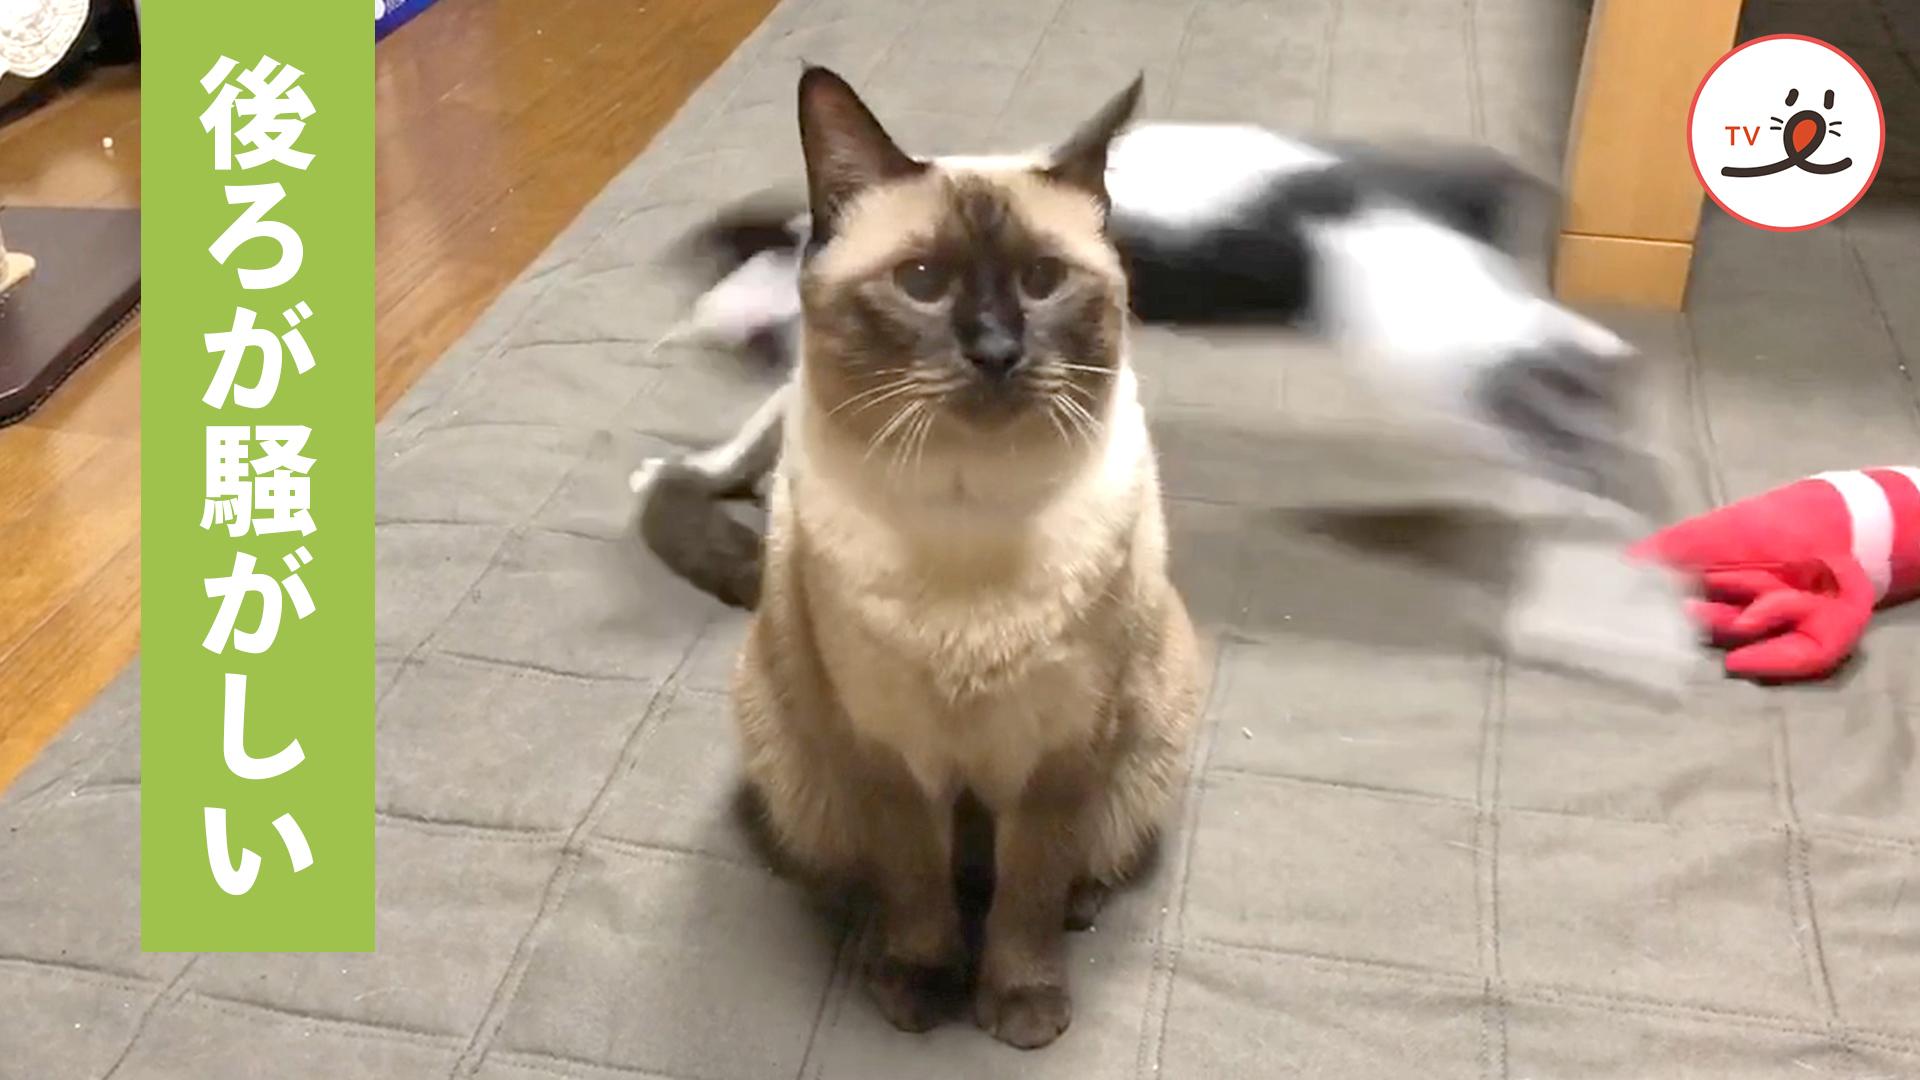 お姉ちゃんのシッポで遊ぶ弟猫🐱🎶 お姉ちゃん、最初はスルーしてたけど…😅